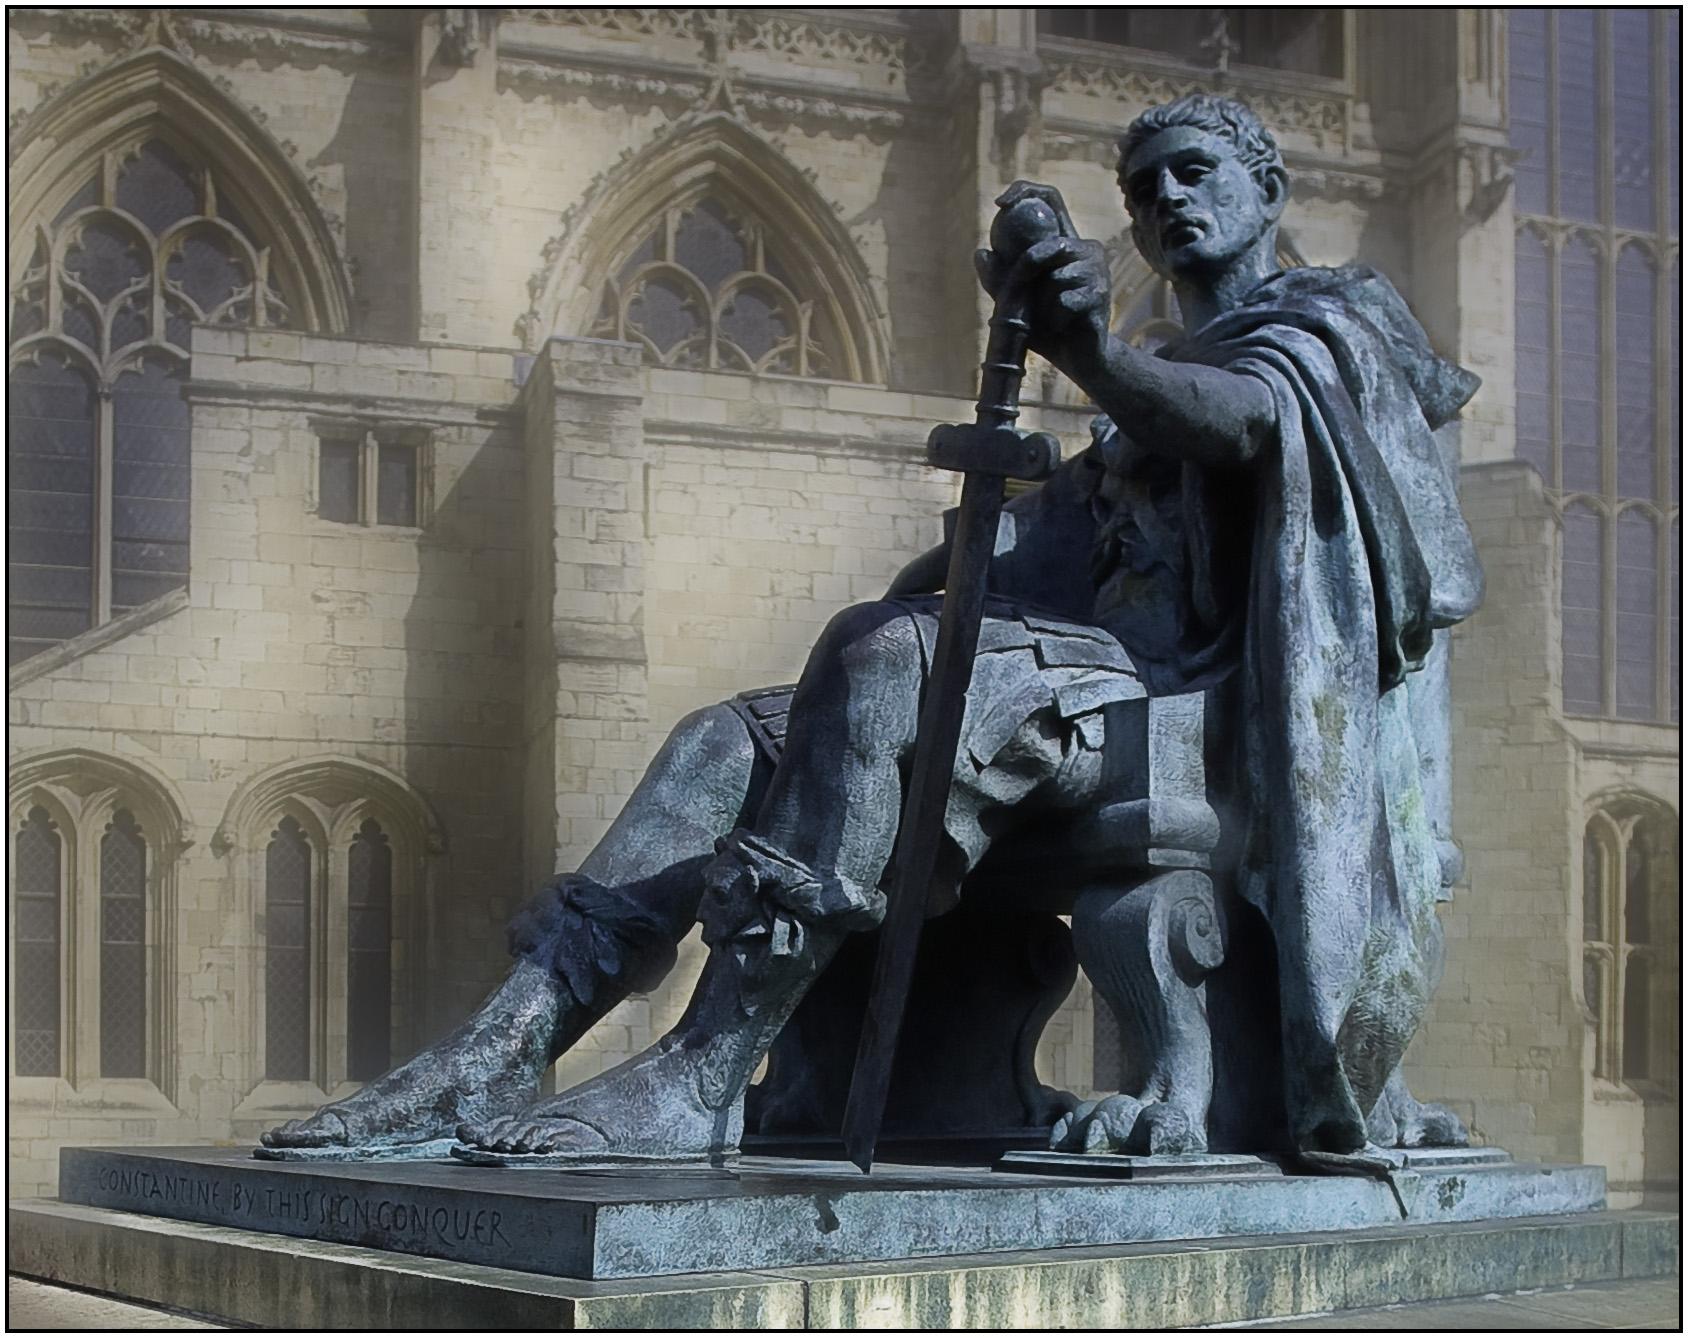 Споменик Константину у Јорку, подигнут на месту на ком су га његови војници извикали за цара 306. године, након смрти његовог оца, Констанција Хлора